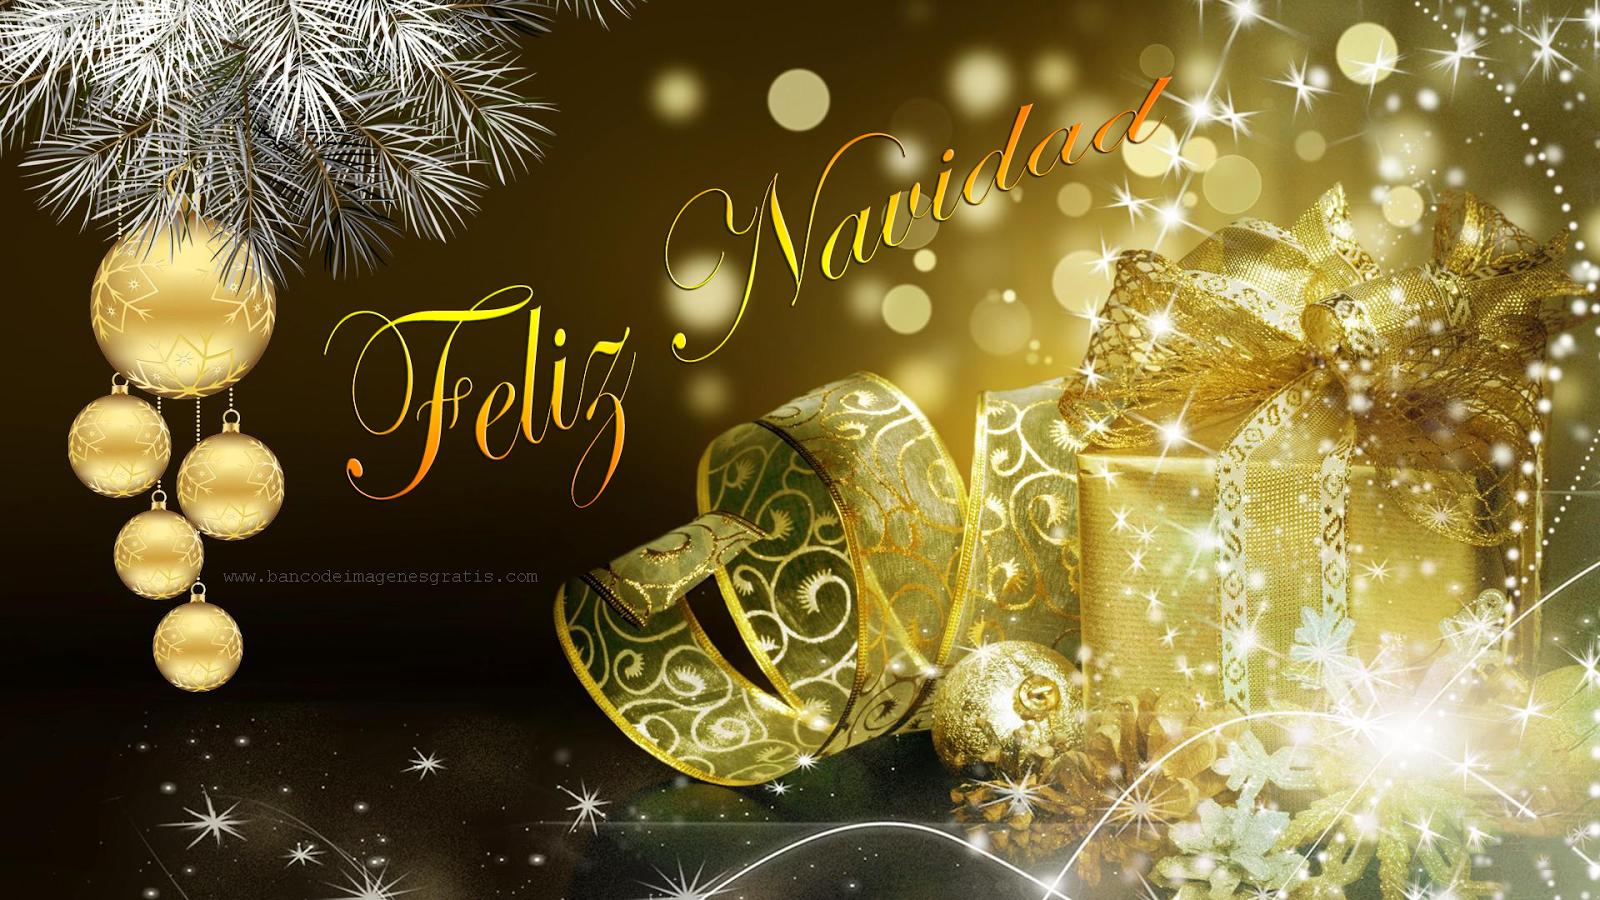 Postal Navidena Con Esferas Y Adornos Dorados Golden Christmas Imagenes De Feliz Navidad Imagenes Navidenas Feliz Navidad